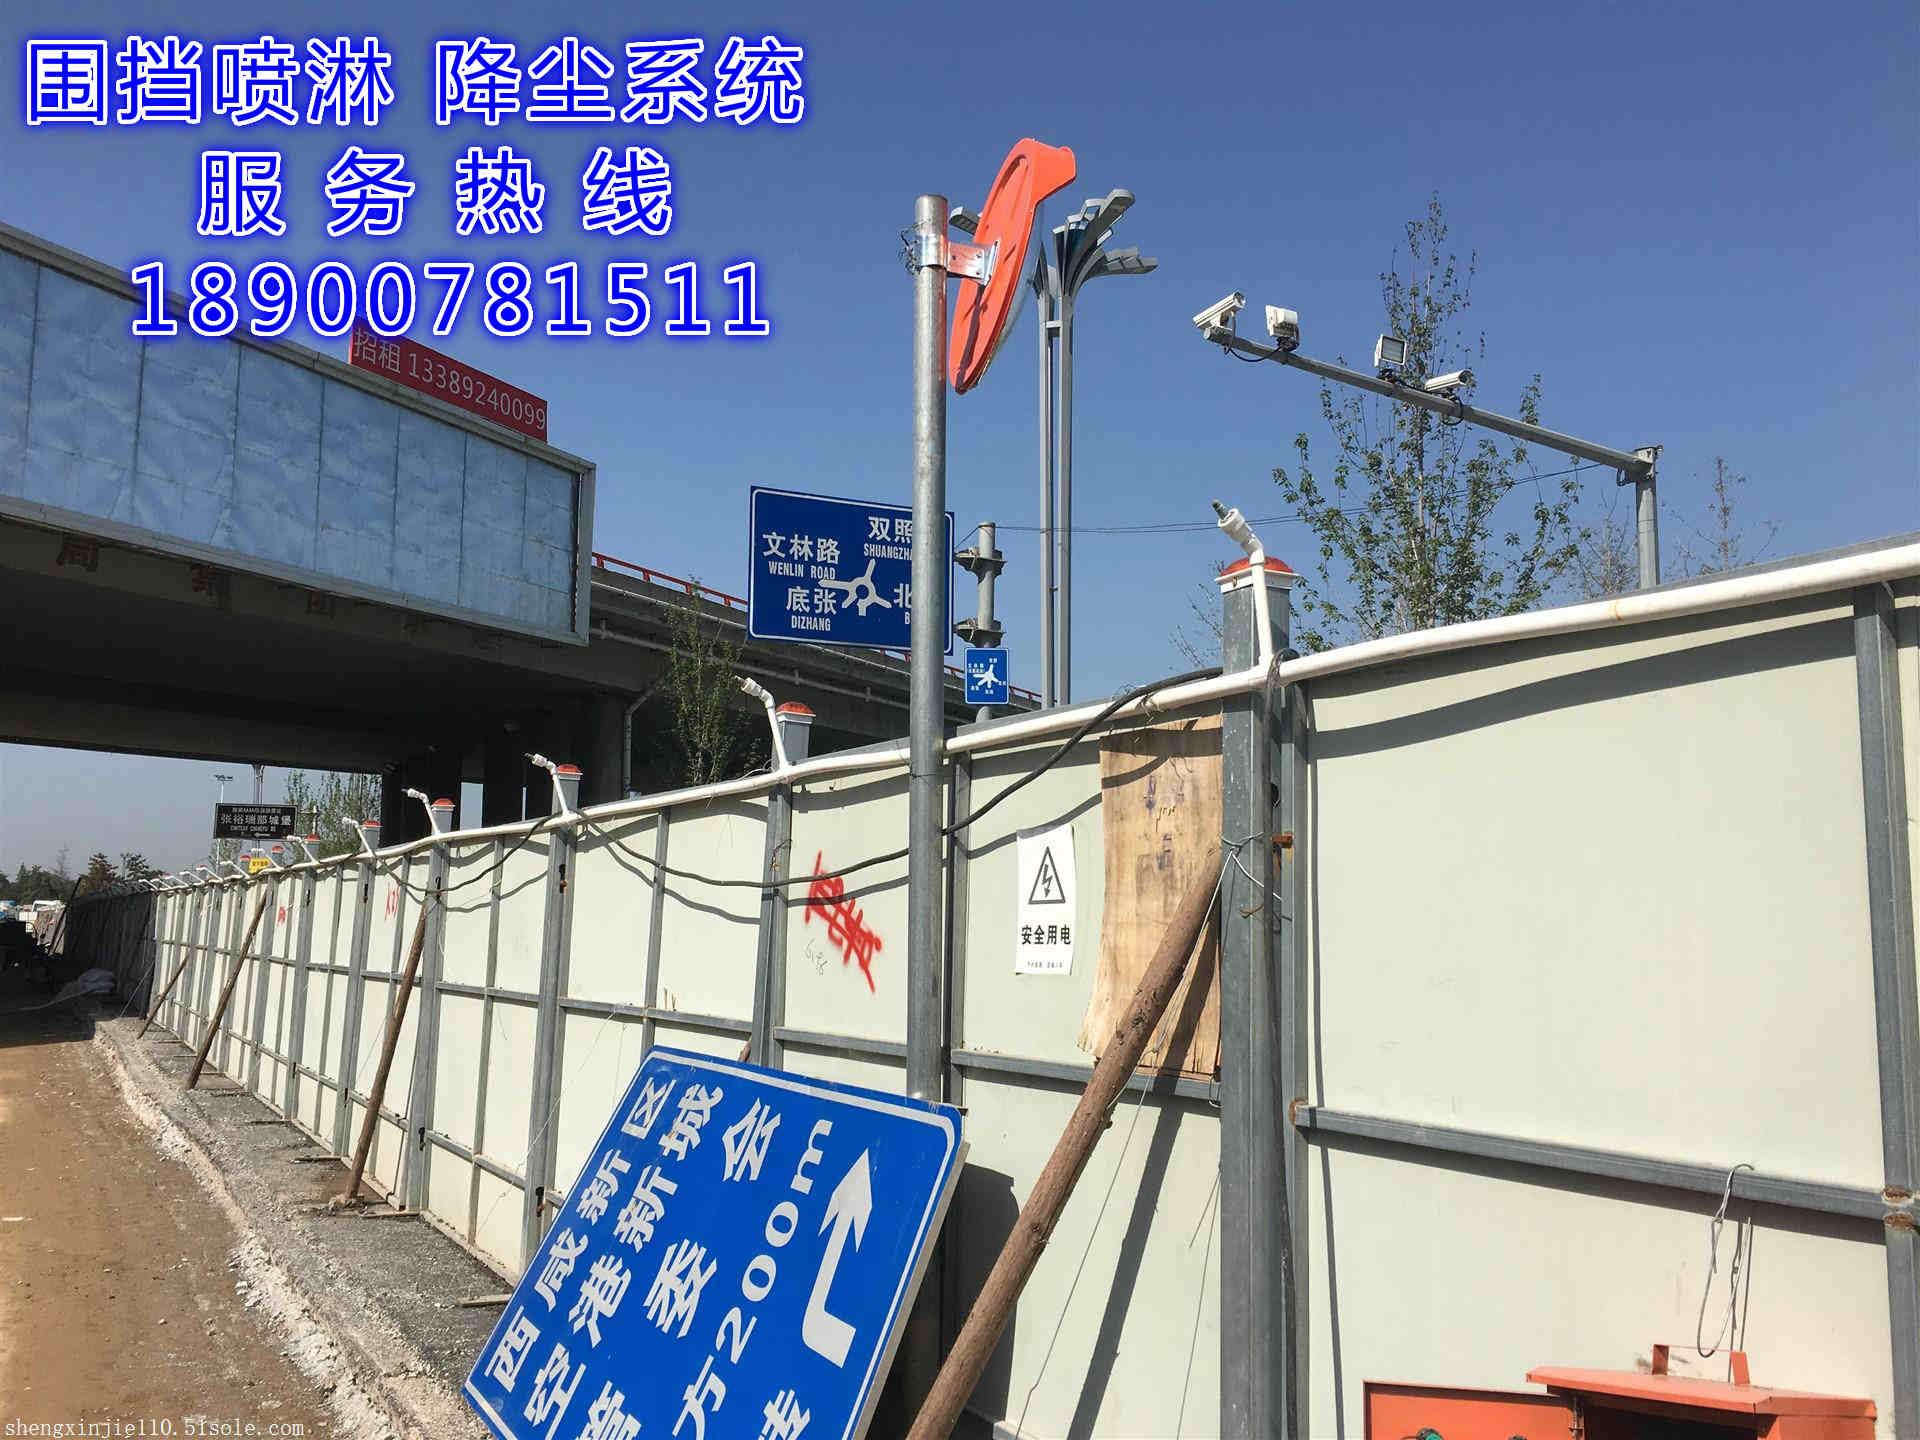 滁州围电淋围墙降尘:滁州系统喷雾降尘装置绘制柱状图平均值线图片